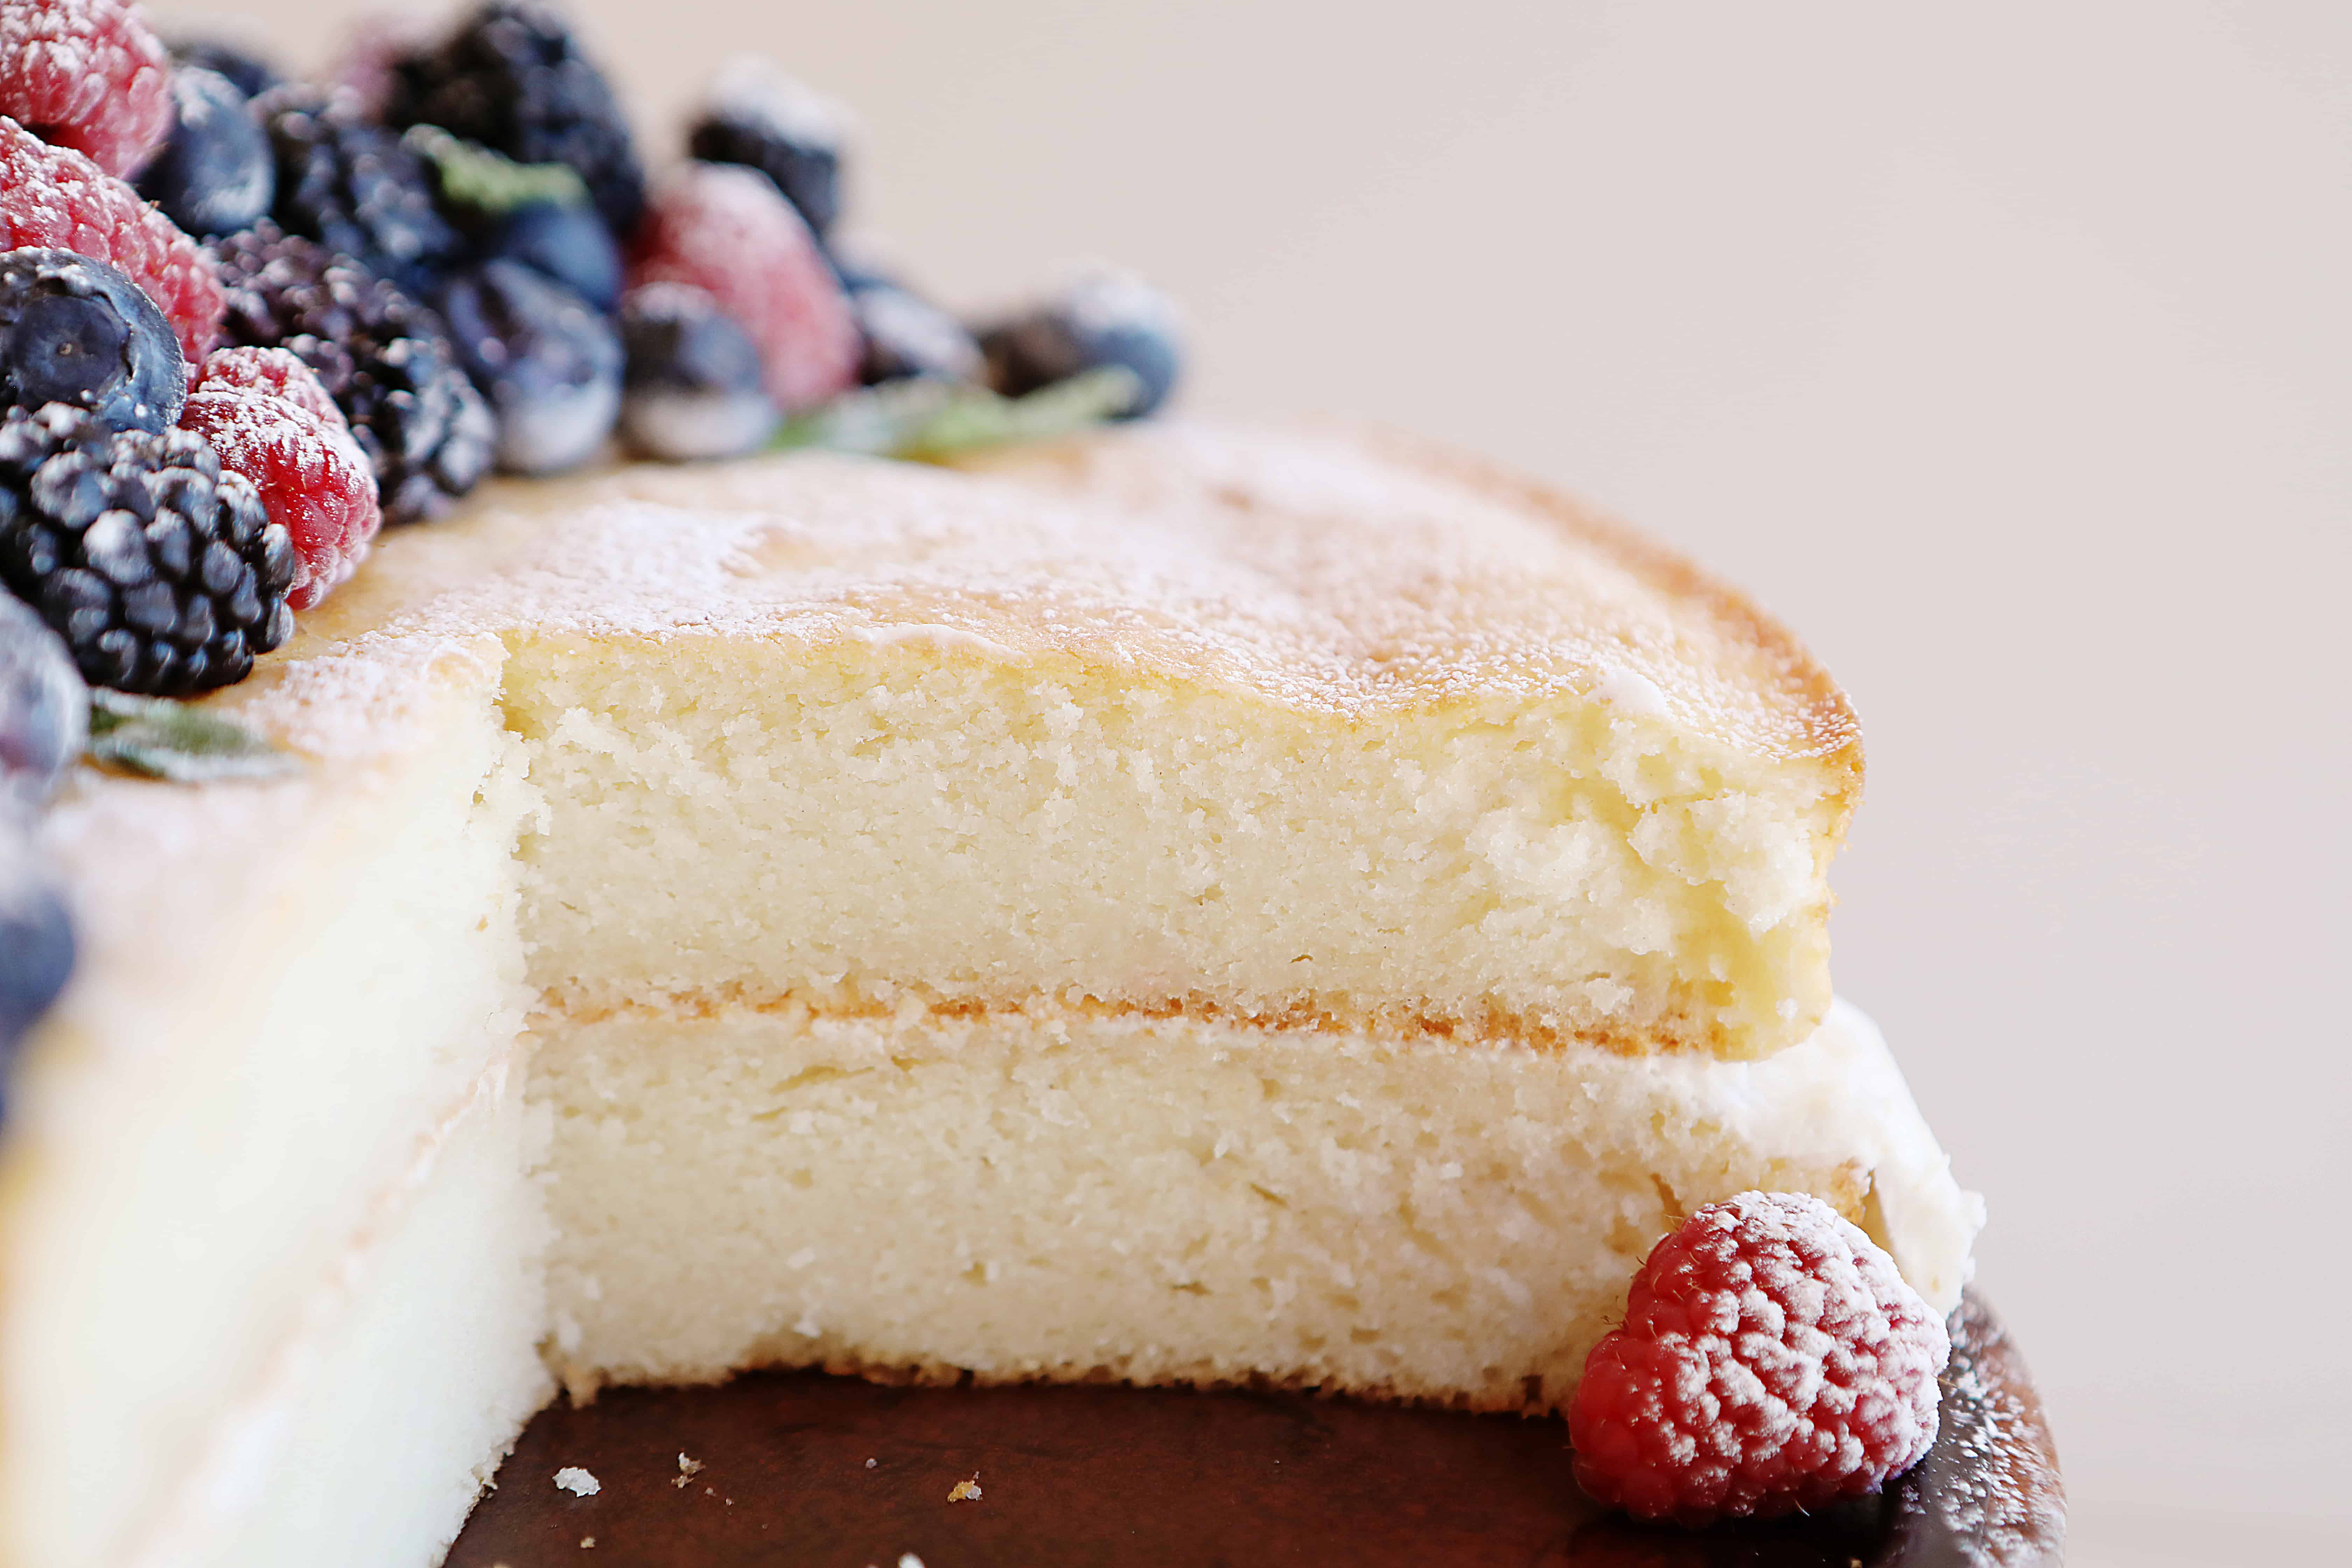 Vanilla Cake with Fresh Fruit